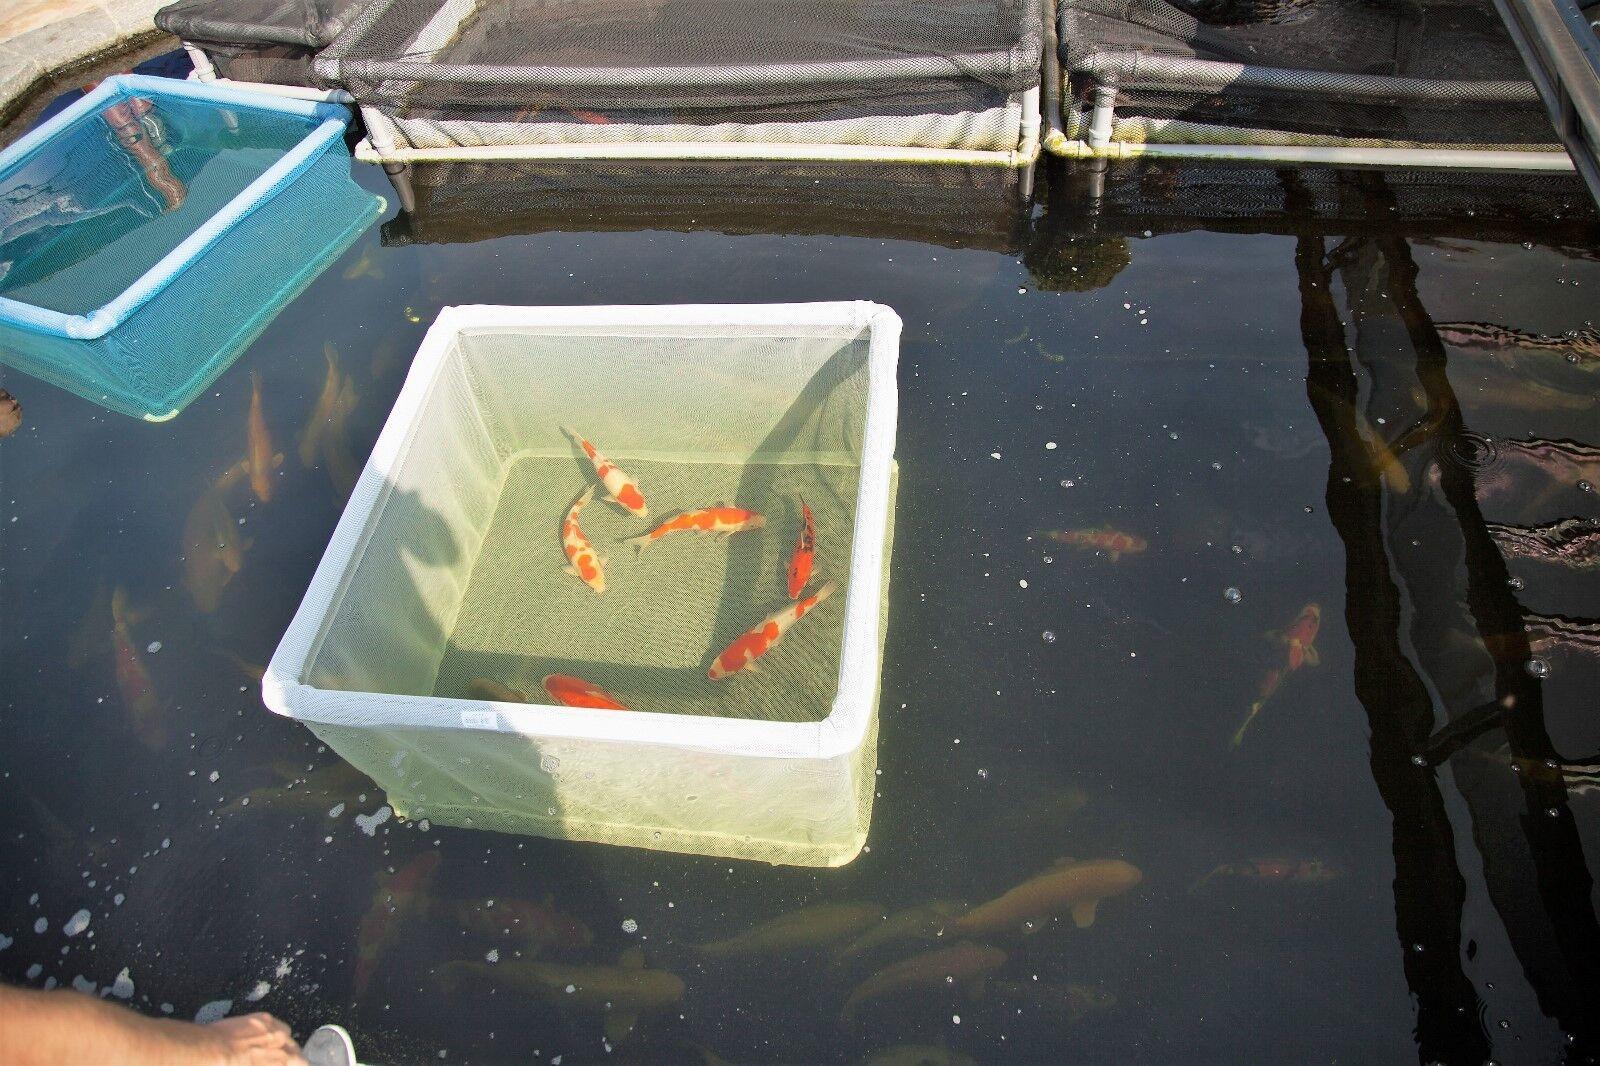 Fisch-Gehege,1,65 x 1,65m Hälterungsnetz,Hälterungsbecken, Koi, Karpfen, Forelle